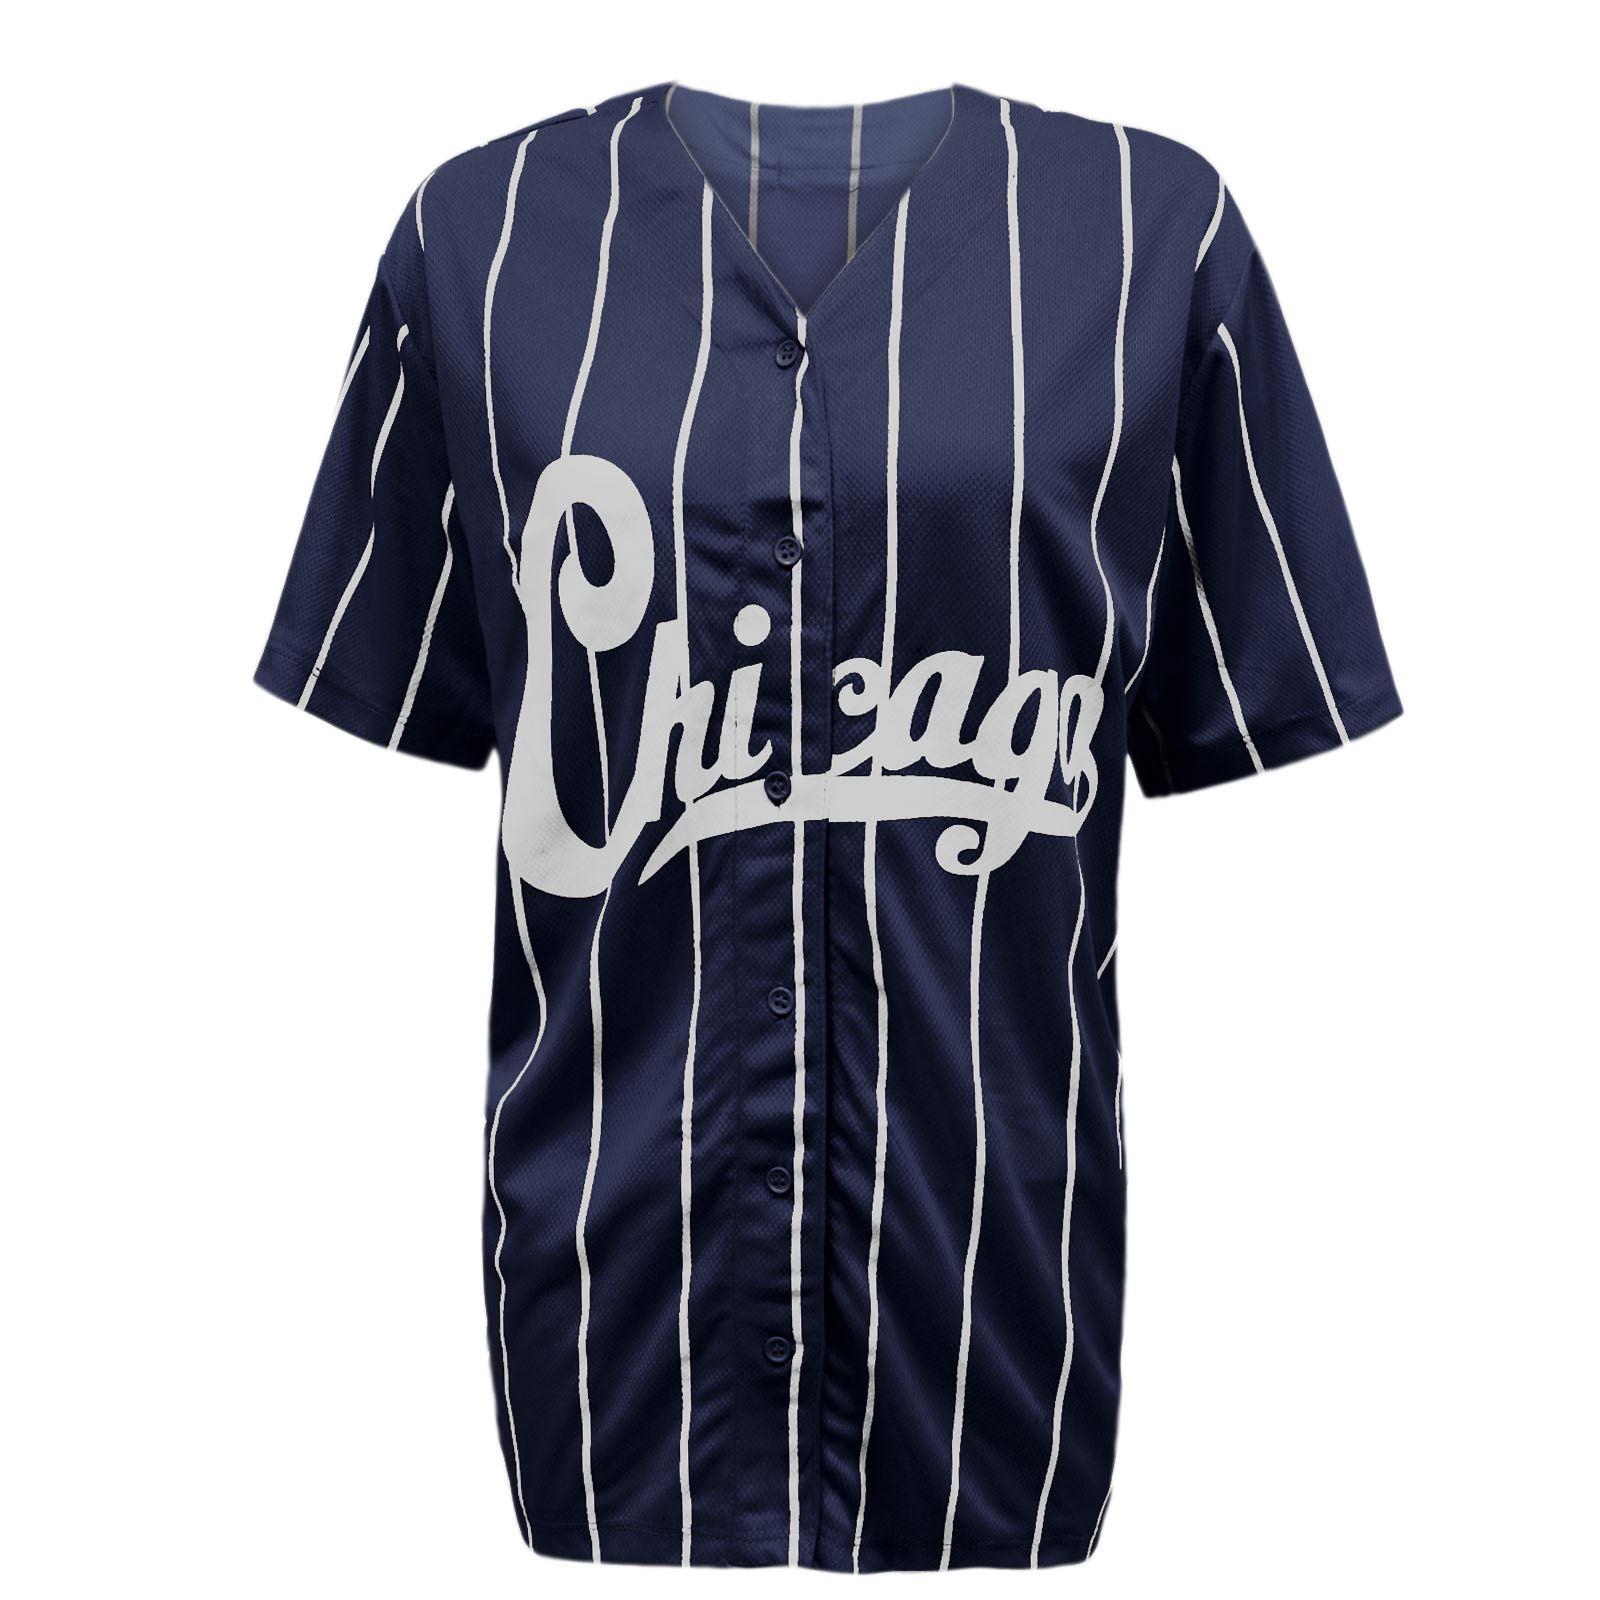 femme varsity bandes chicago am ricain baseball jersey top t shirt ebay. Black Bedroom Furniture Sets. Home Design Ideas